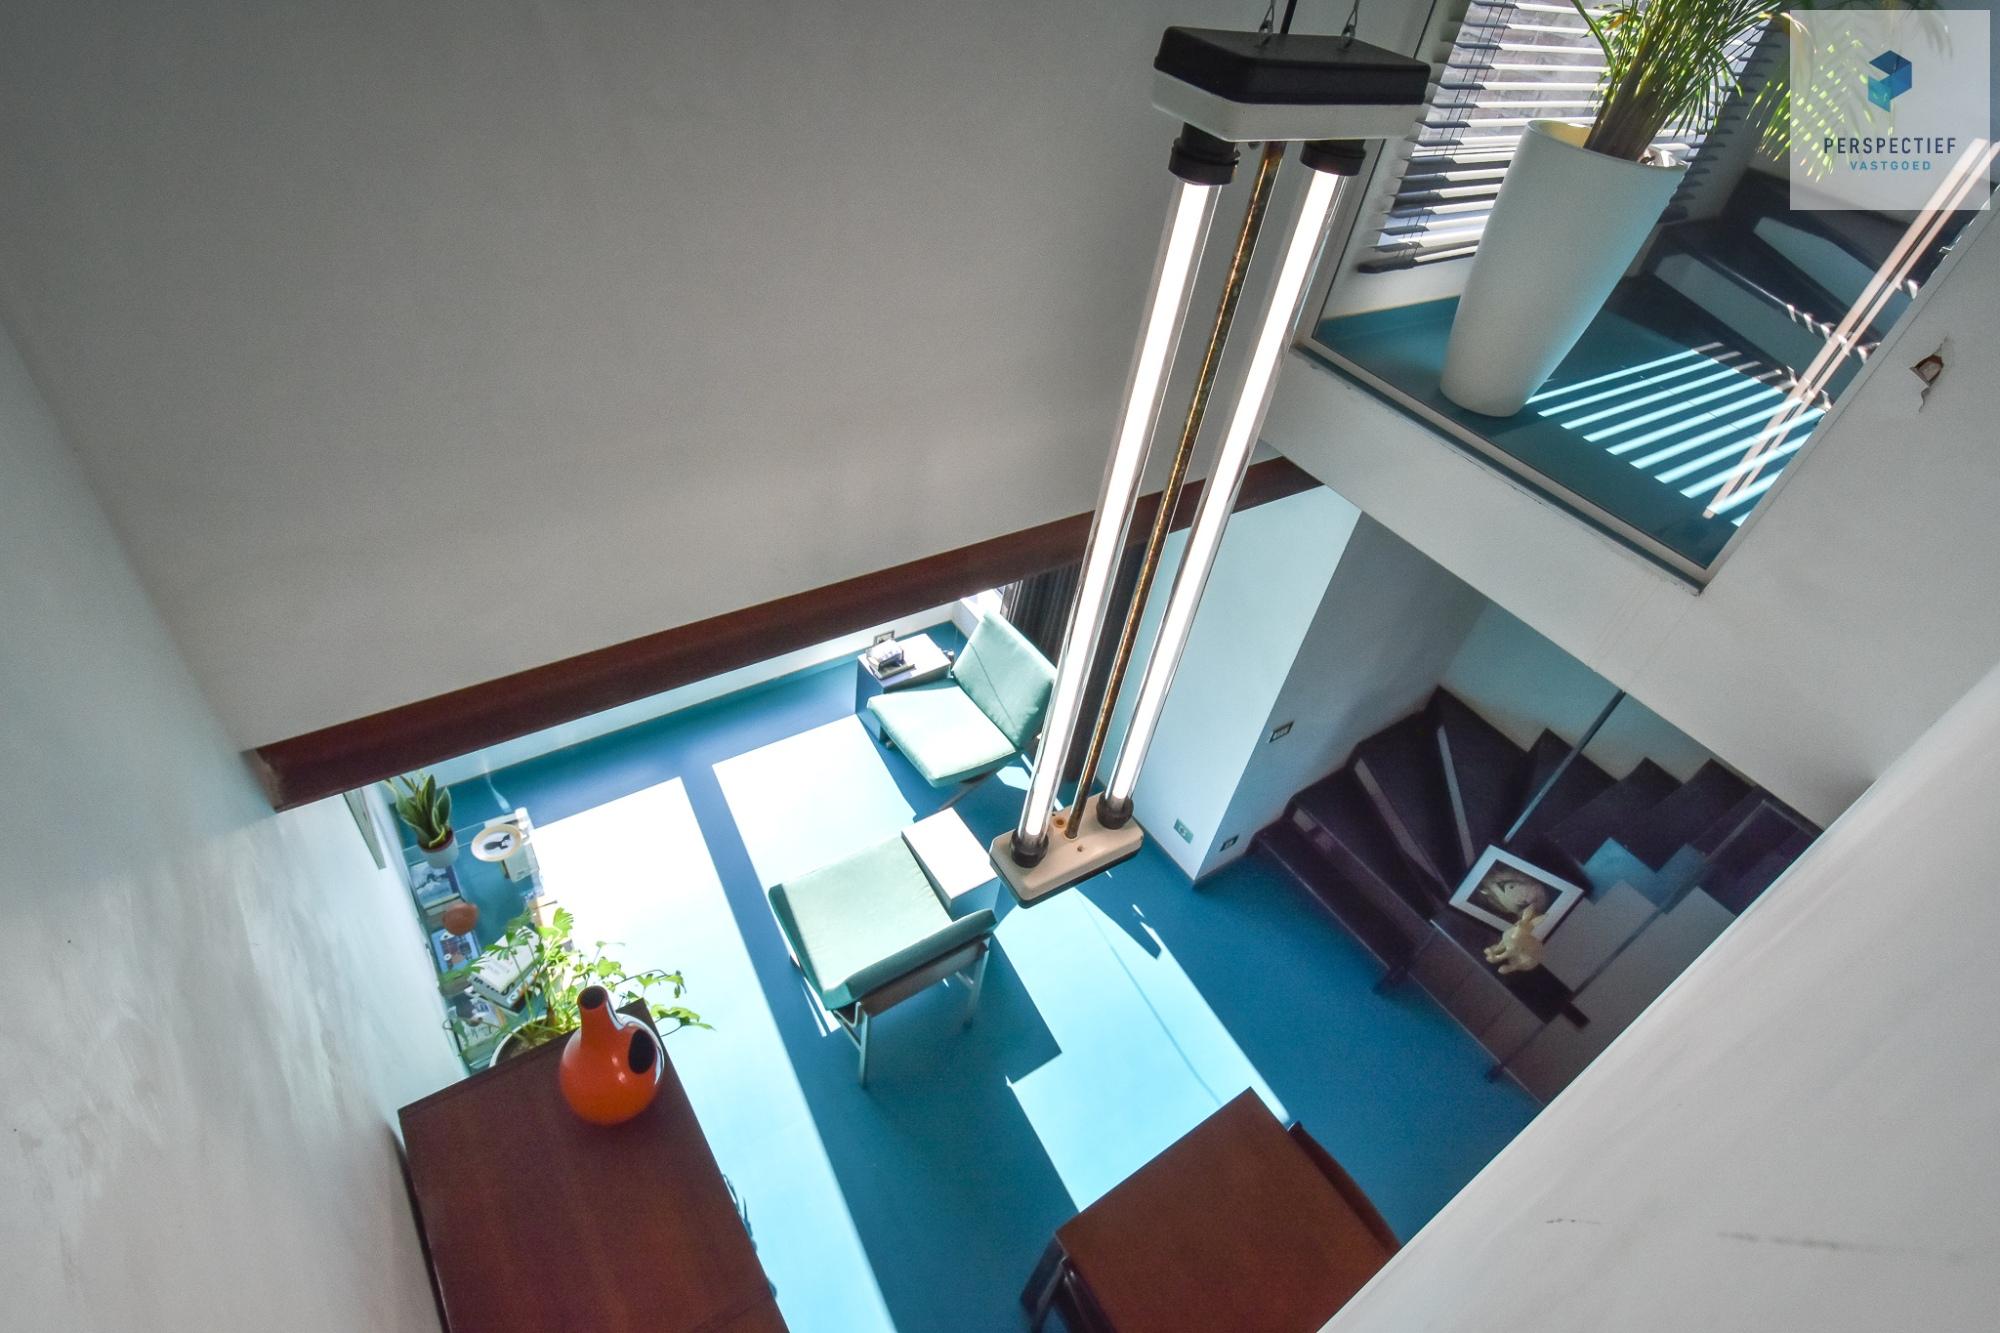 Ruime moderne architectenwoning en kantoor (bj 2018) met 3 verdiepingen, spectaculair dakterras en tuin - 17